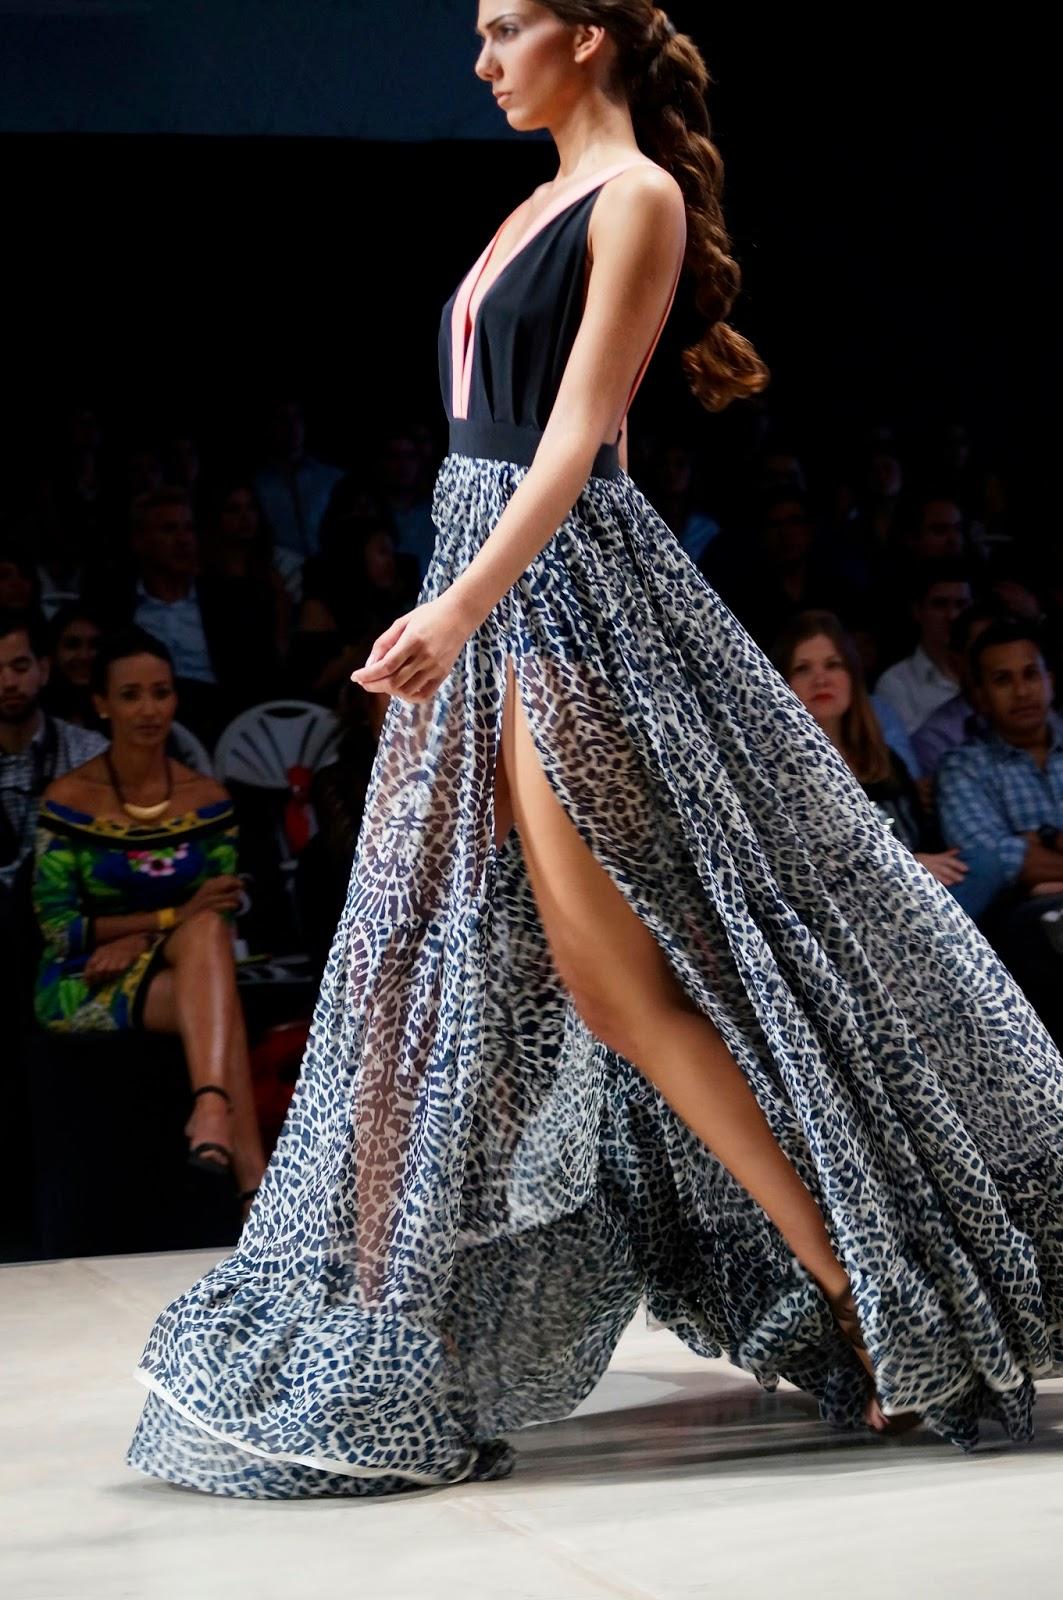 Pasarela Panama Fashion Week 2014, Kris Goyri